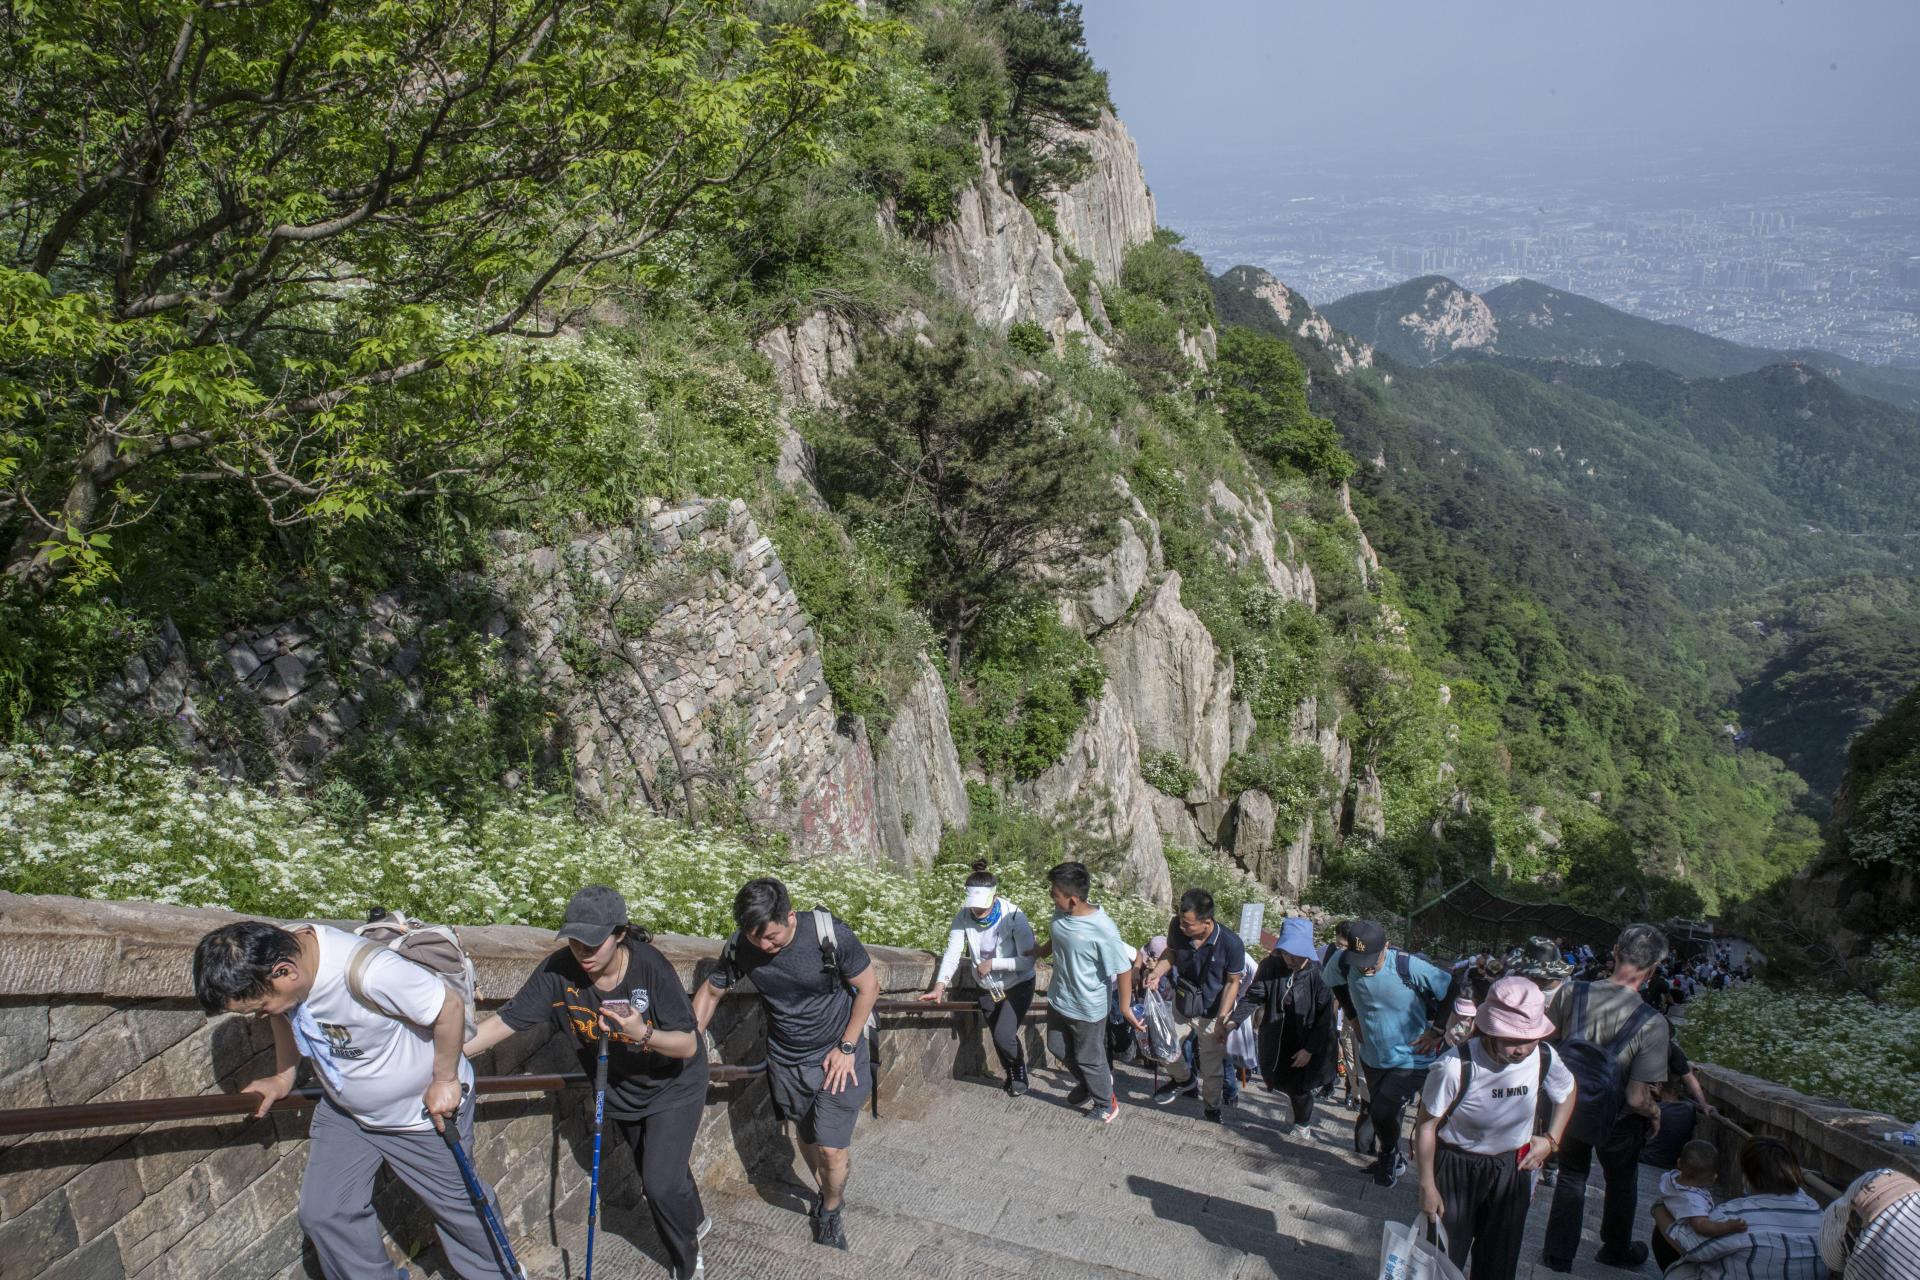 Des pèlerins grimpent les près de 7 000 marches du mont Taishan (Shandong), montagne sacrée du taoïsme.